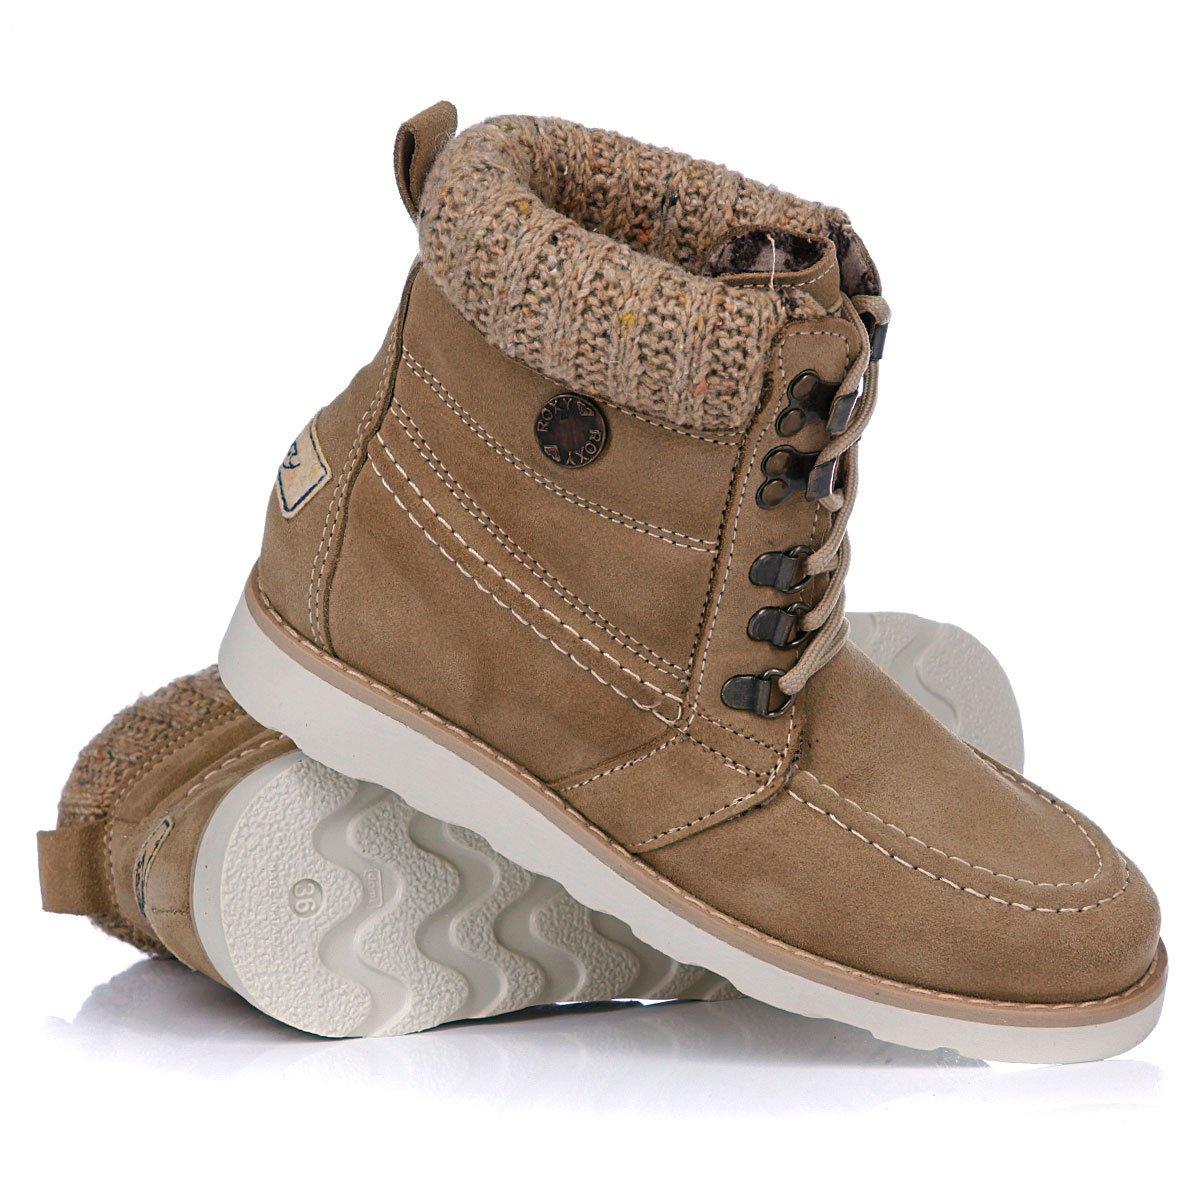 6259f4e91e37 Купить ботинки зимние женские Roxy Joelle Sand (WPWSL253) в интернет ...